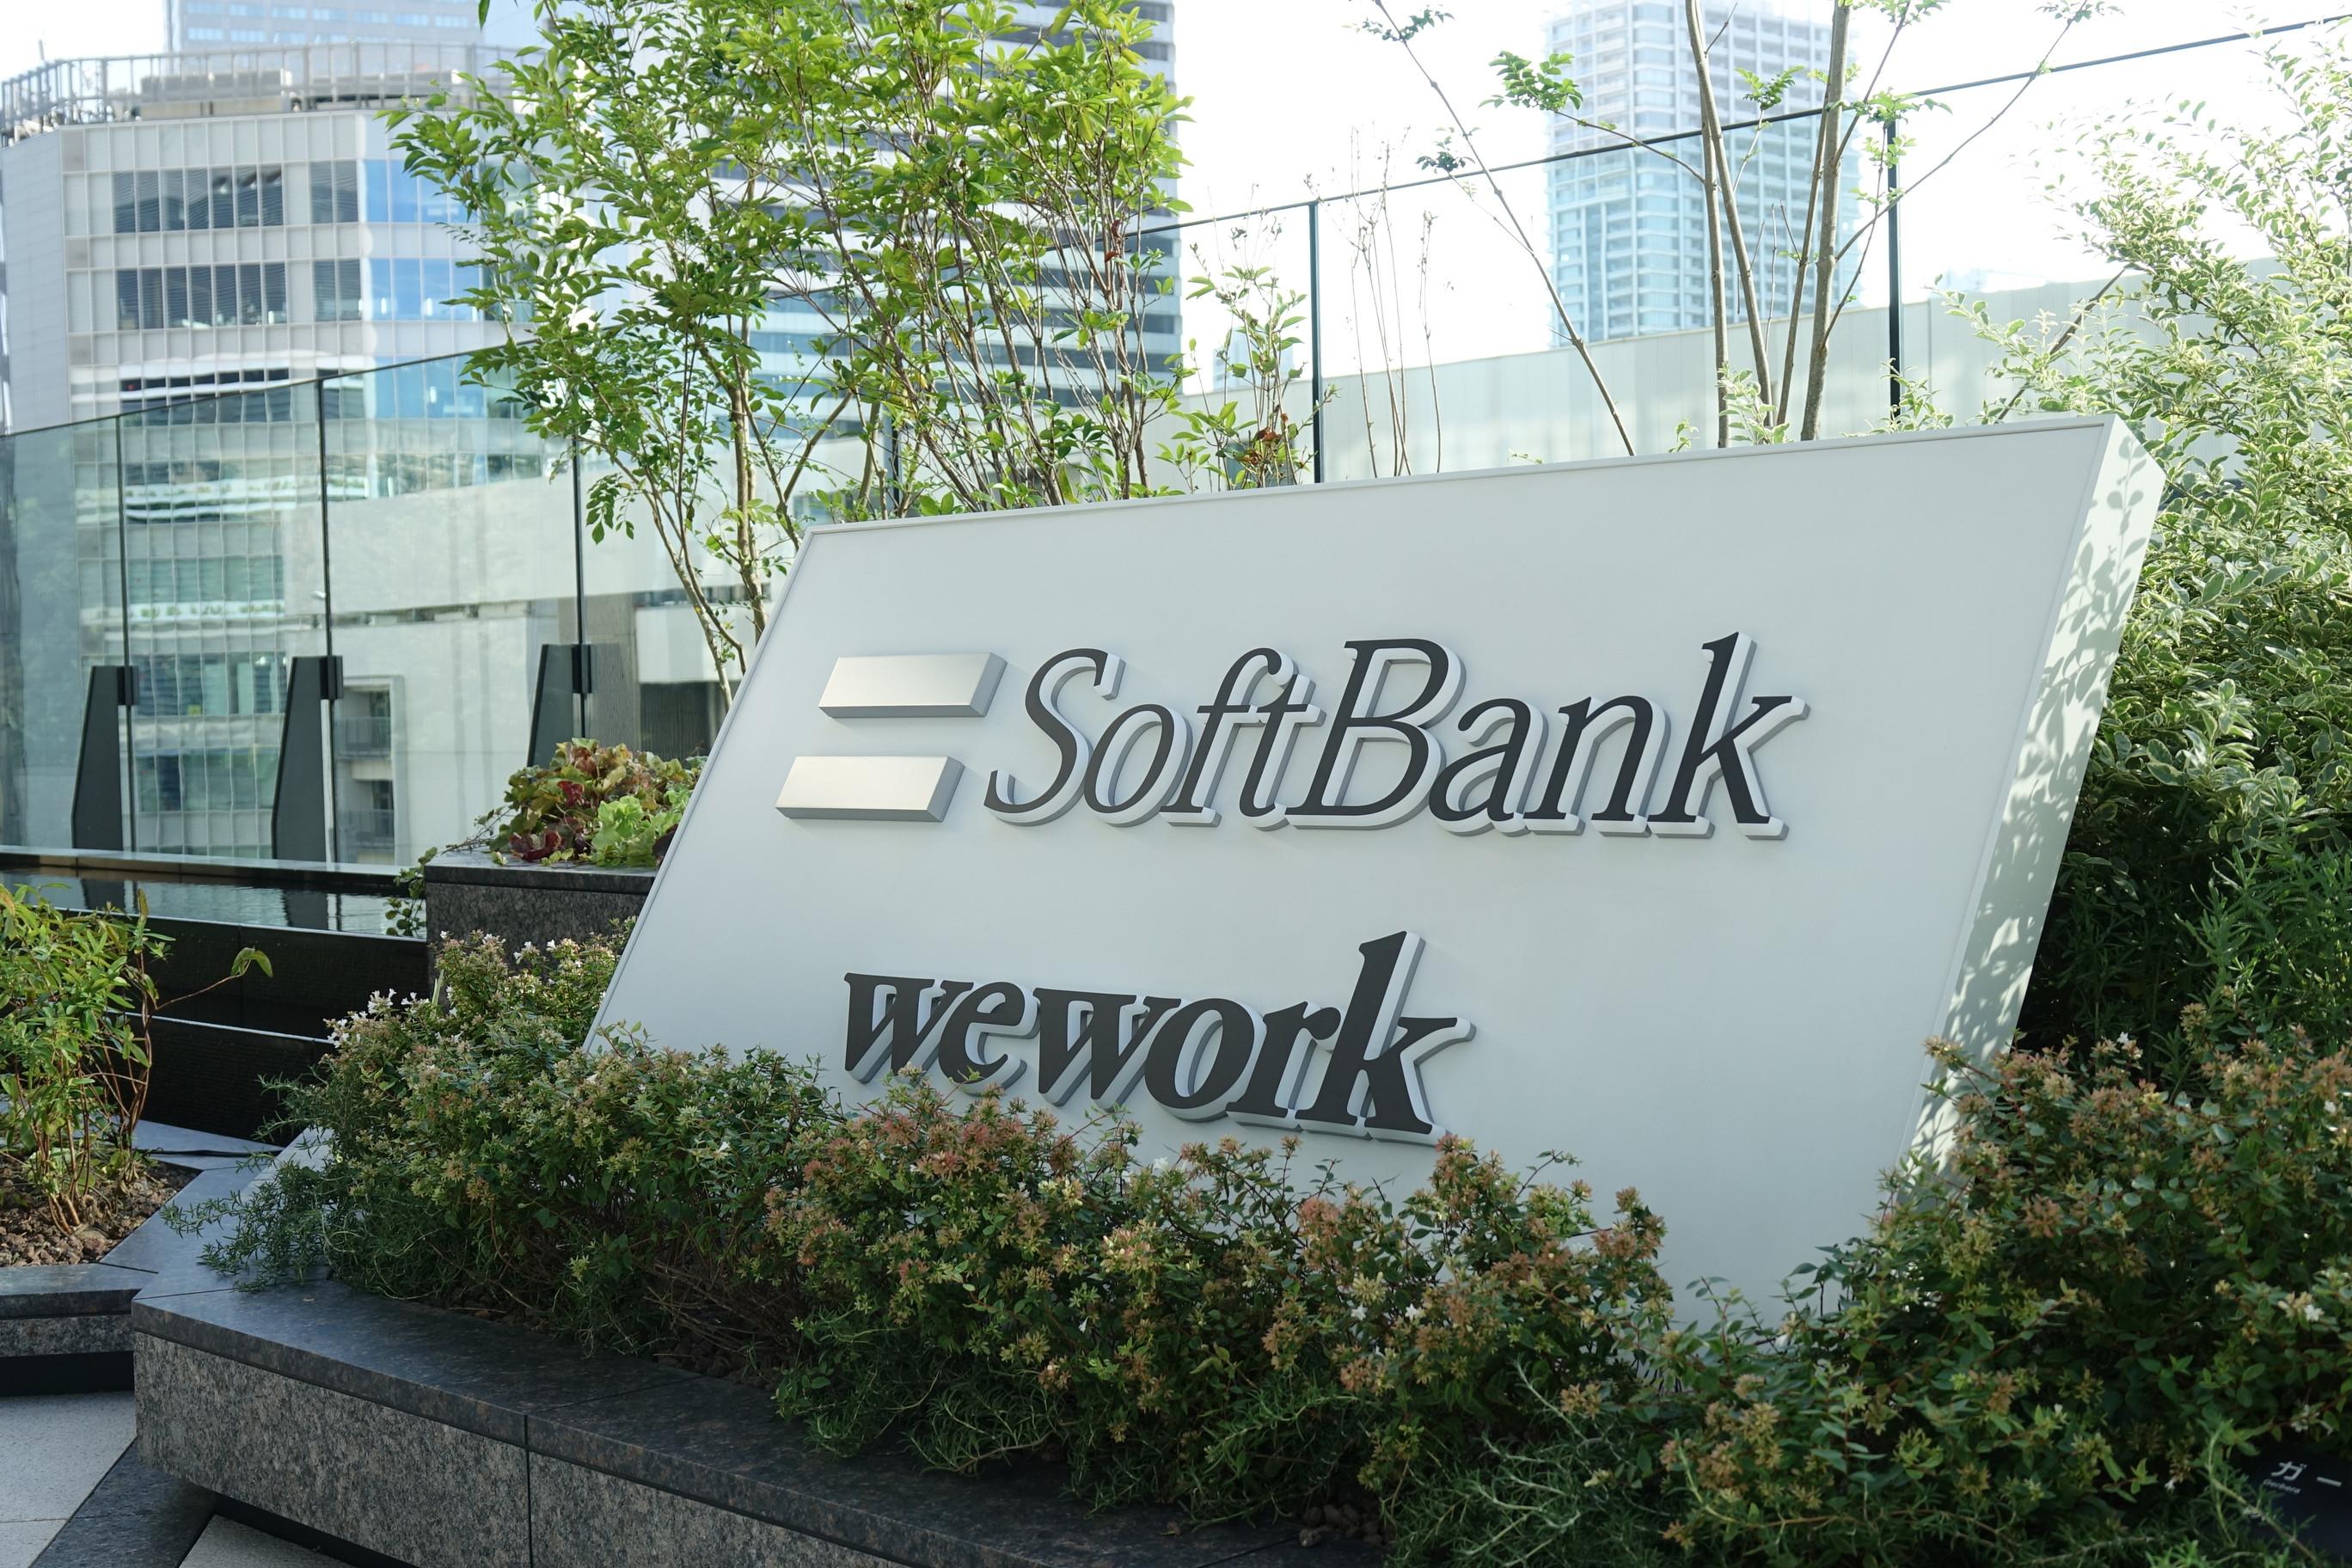 ソフトバンクグループ、WeWorkと和解